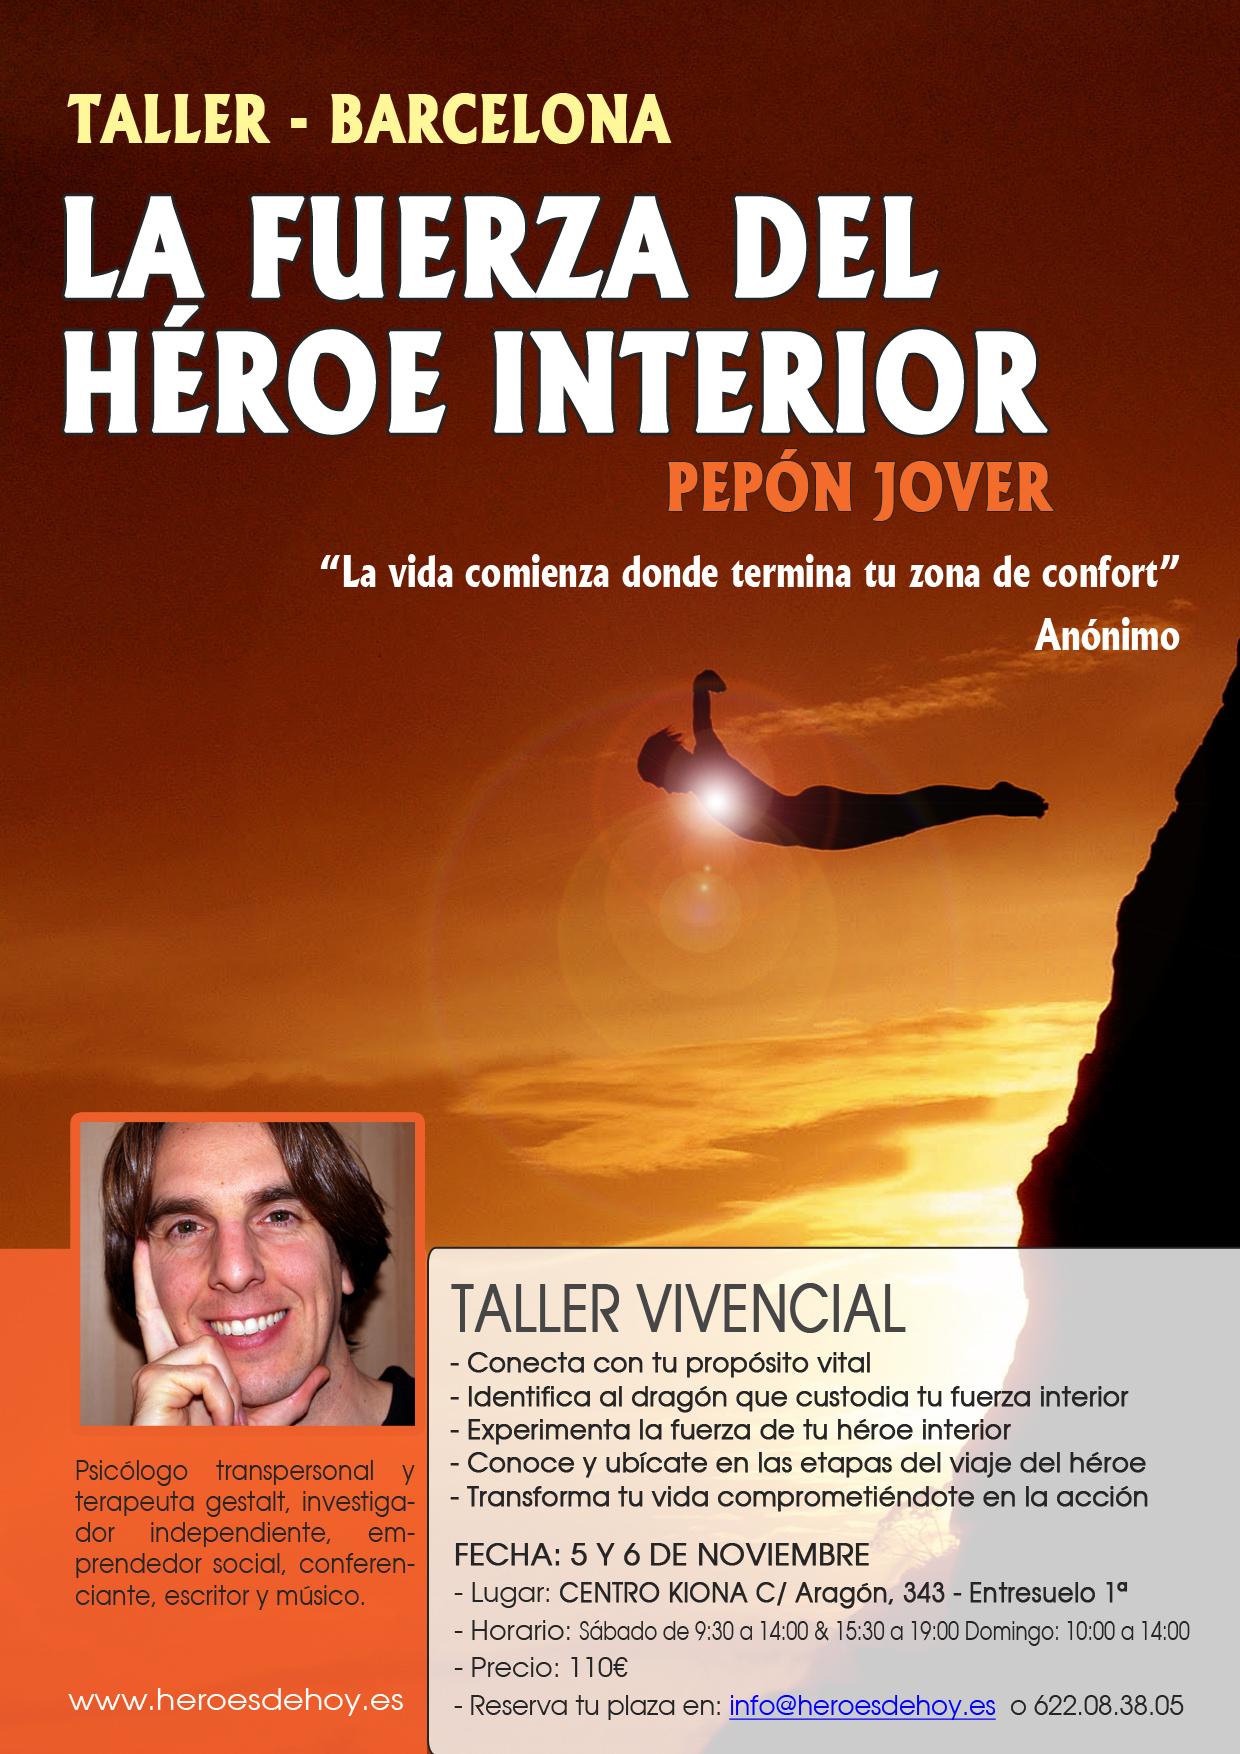 taller la fuerza del héroe interior pepón jover viaje del héroe